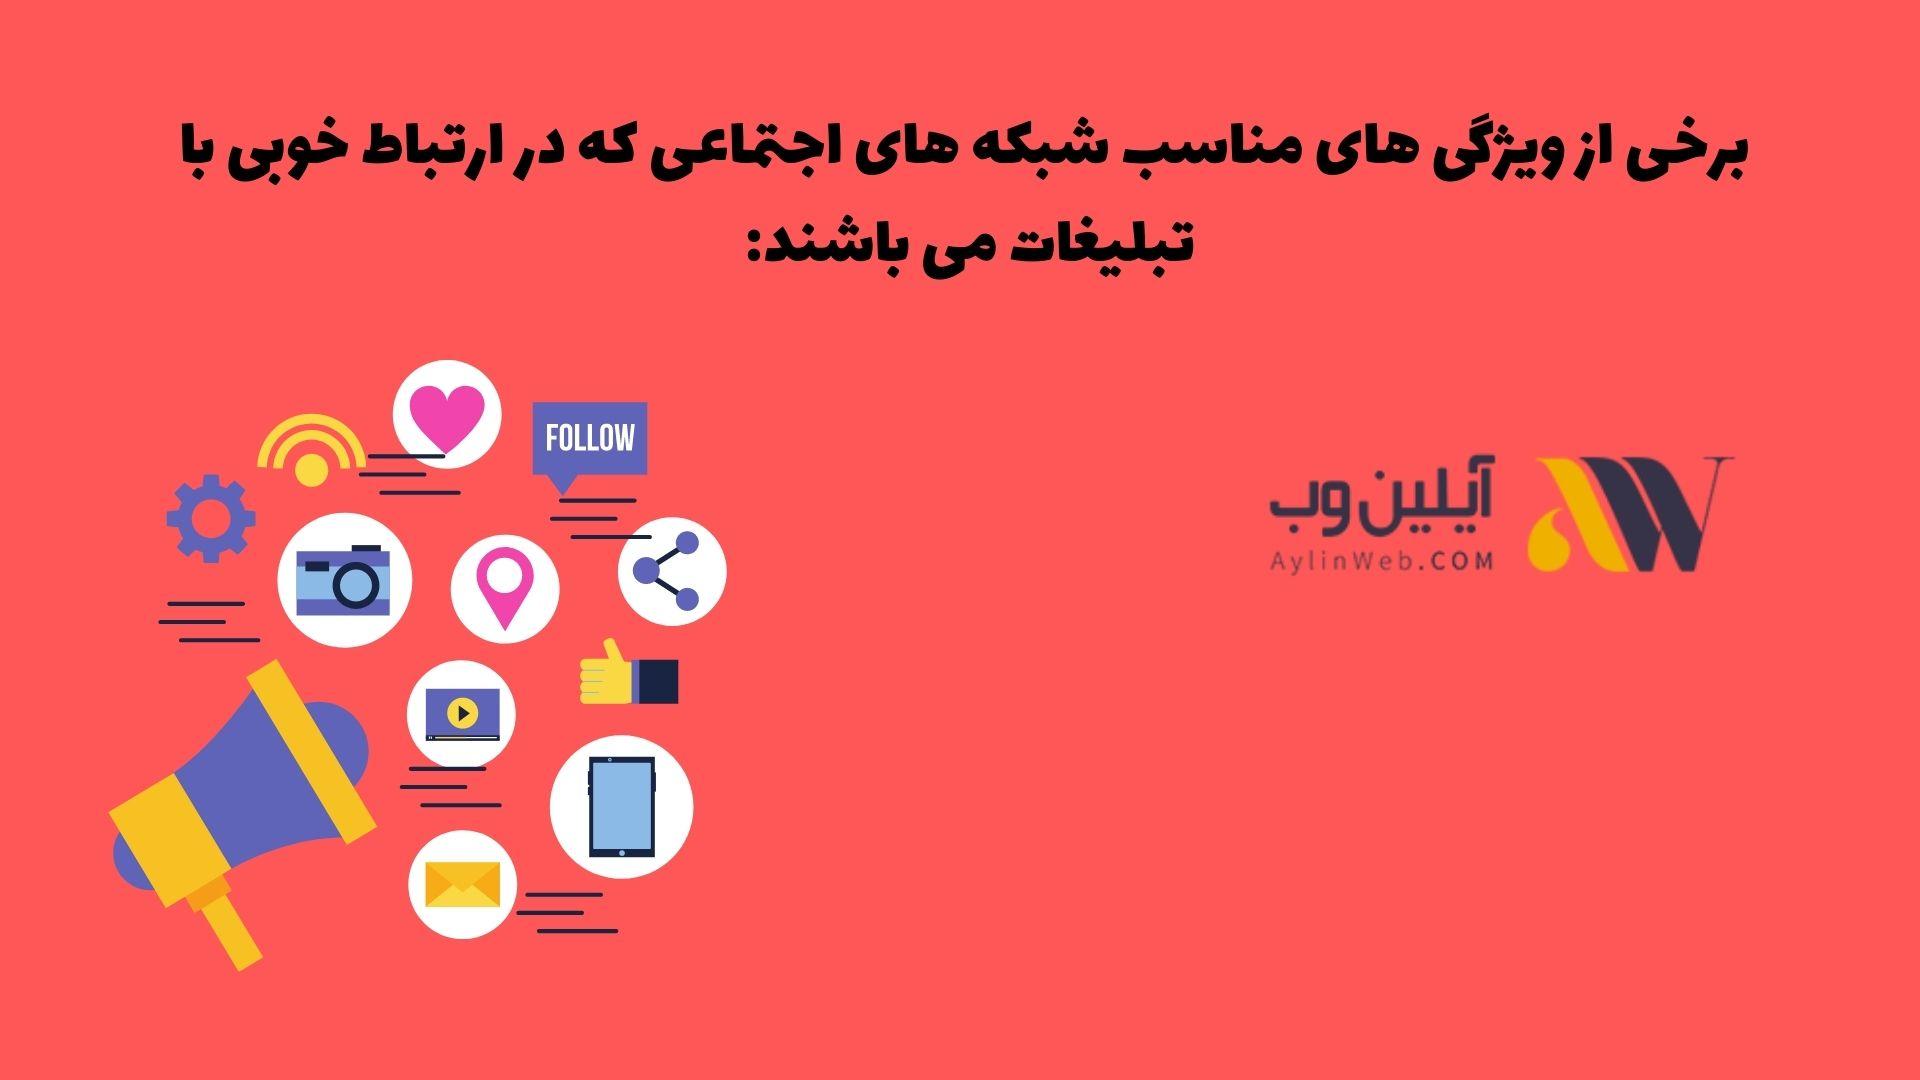 برخی از ویژگی های مناسب شبکه های اجتماعی که در ارتباط خوبی با تبلیغات می باشند